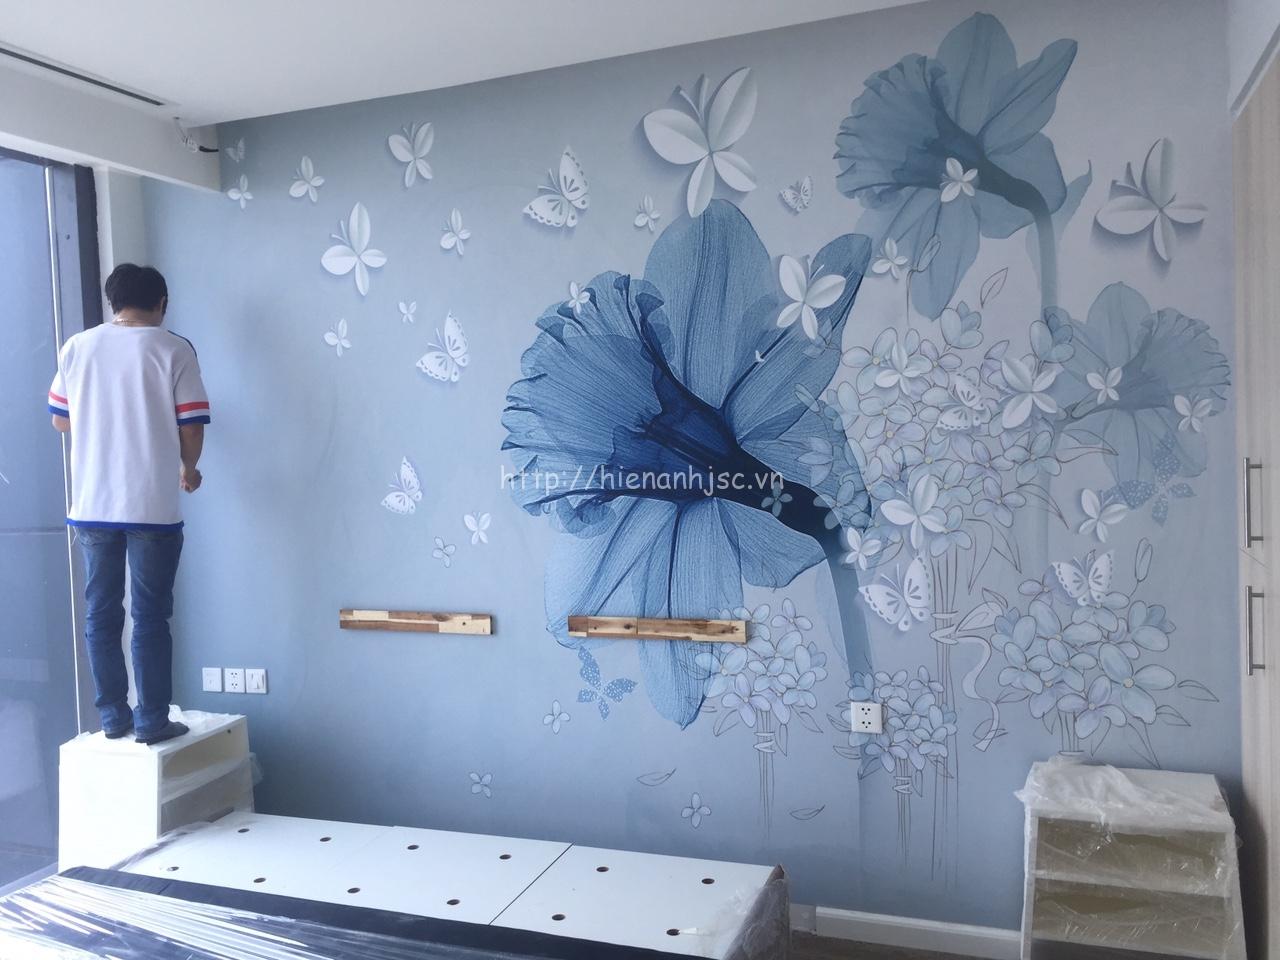 Thi công tranh dán tường phòng ngủ tại TPHCM